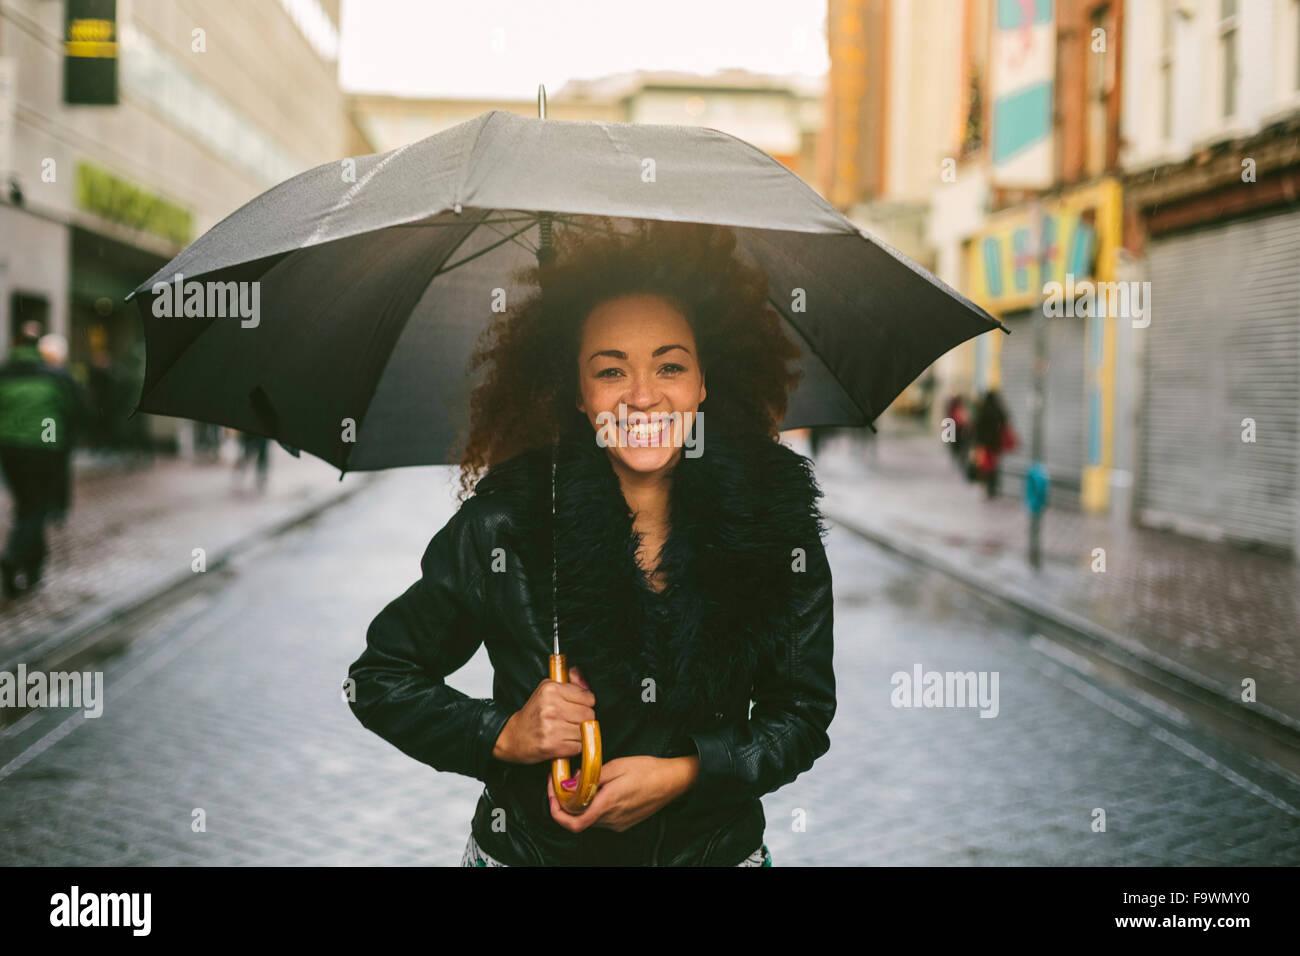 Ritratto di donna sorridente ombrello in un giorno di pioggia Immagini Stock